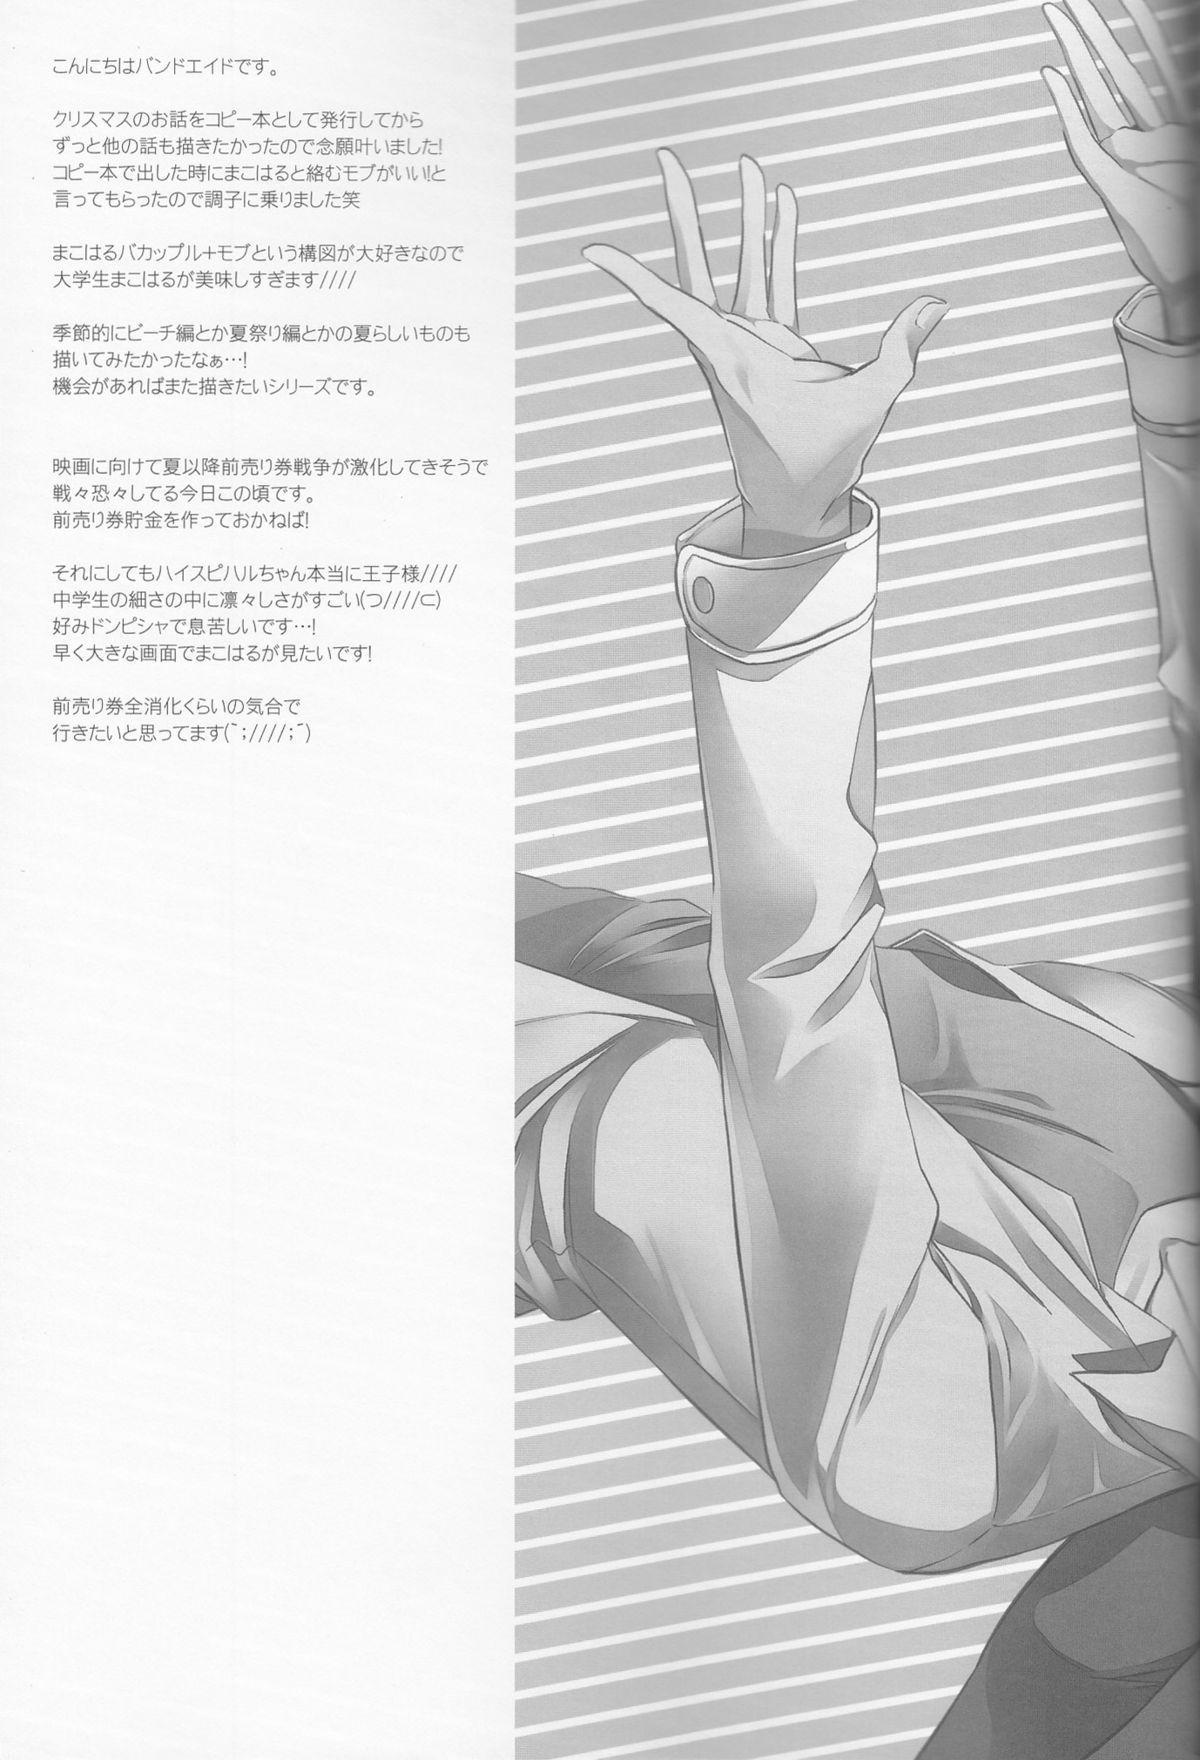 Hajimemashite Yome desu. 27